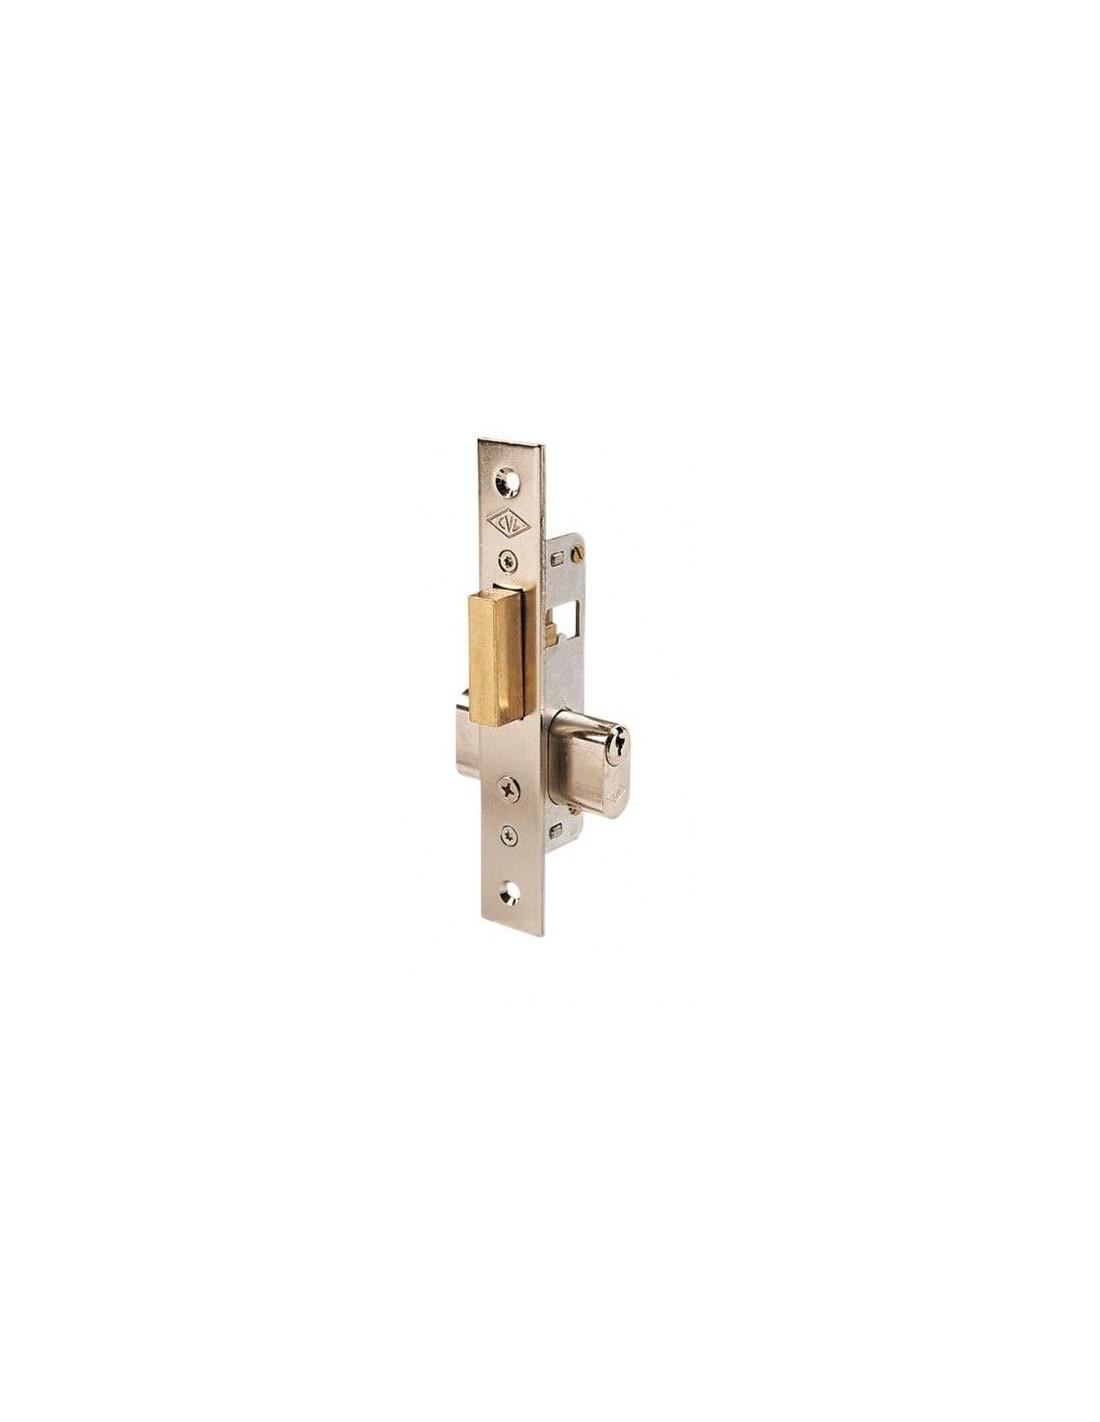 Cvl 3160515 Cerradura 1964v//5 de embutir para carpinter/ía met/álica